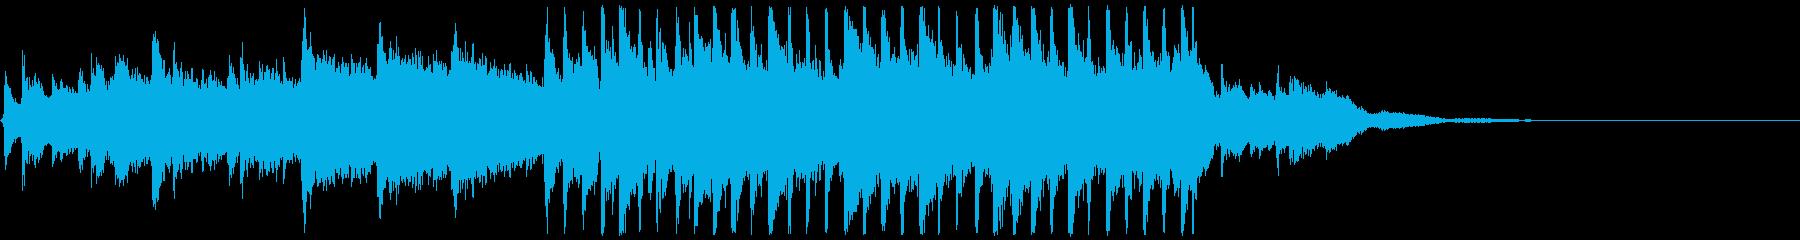 【30秒版】透明感のある切ないアコーステの再生済みの波形